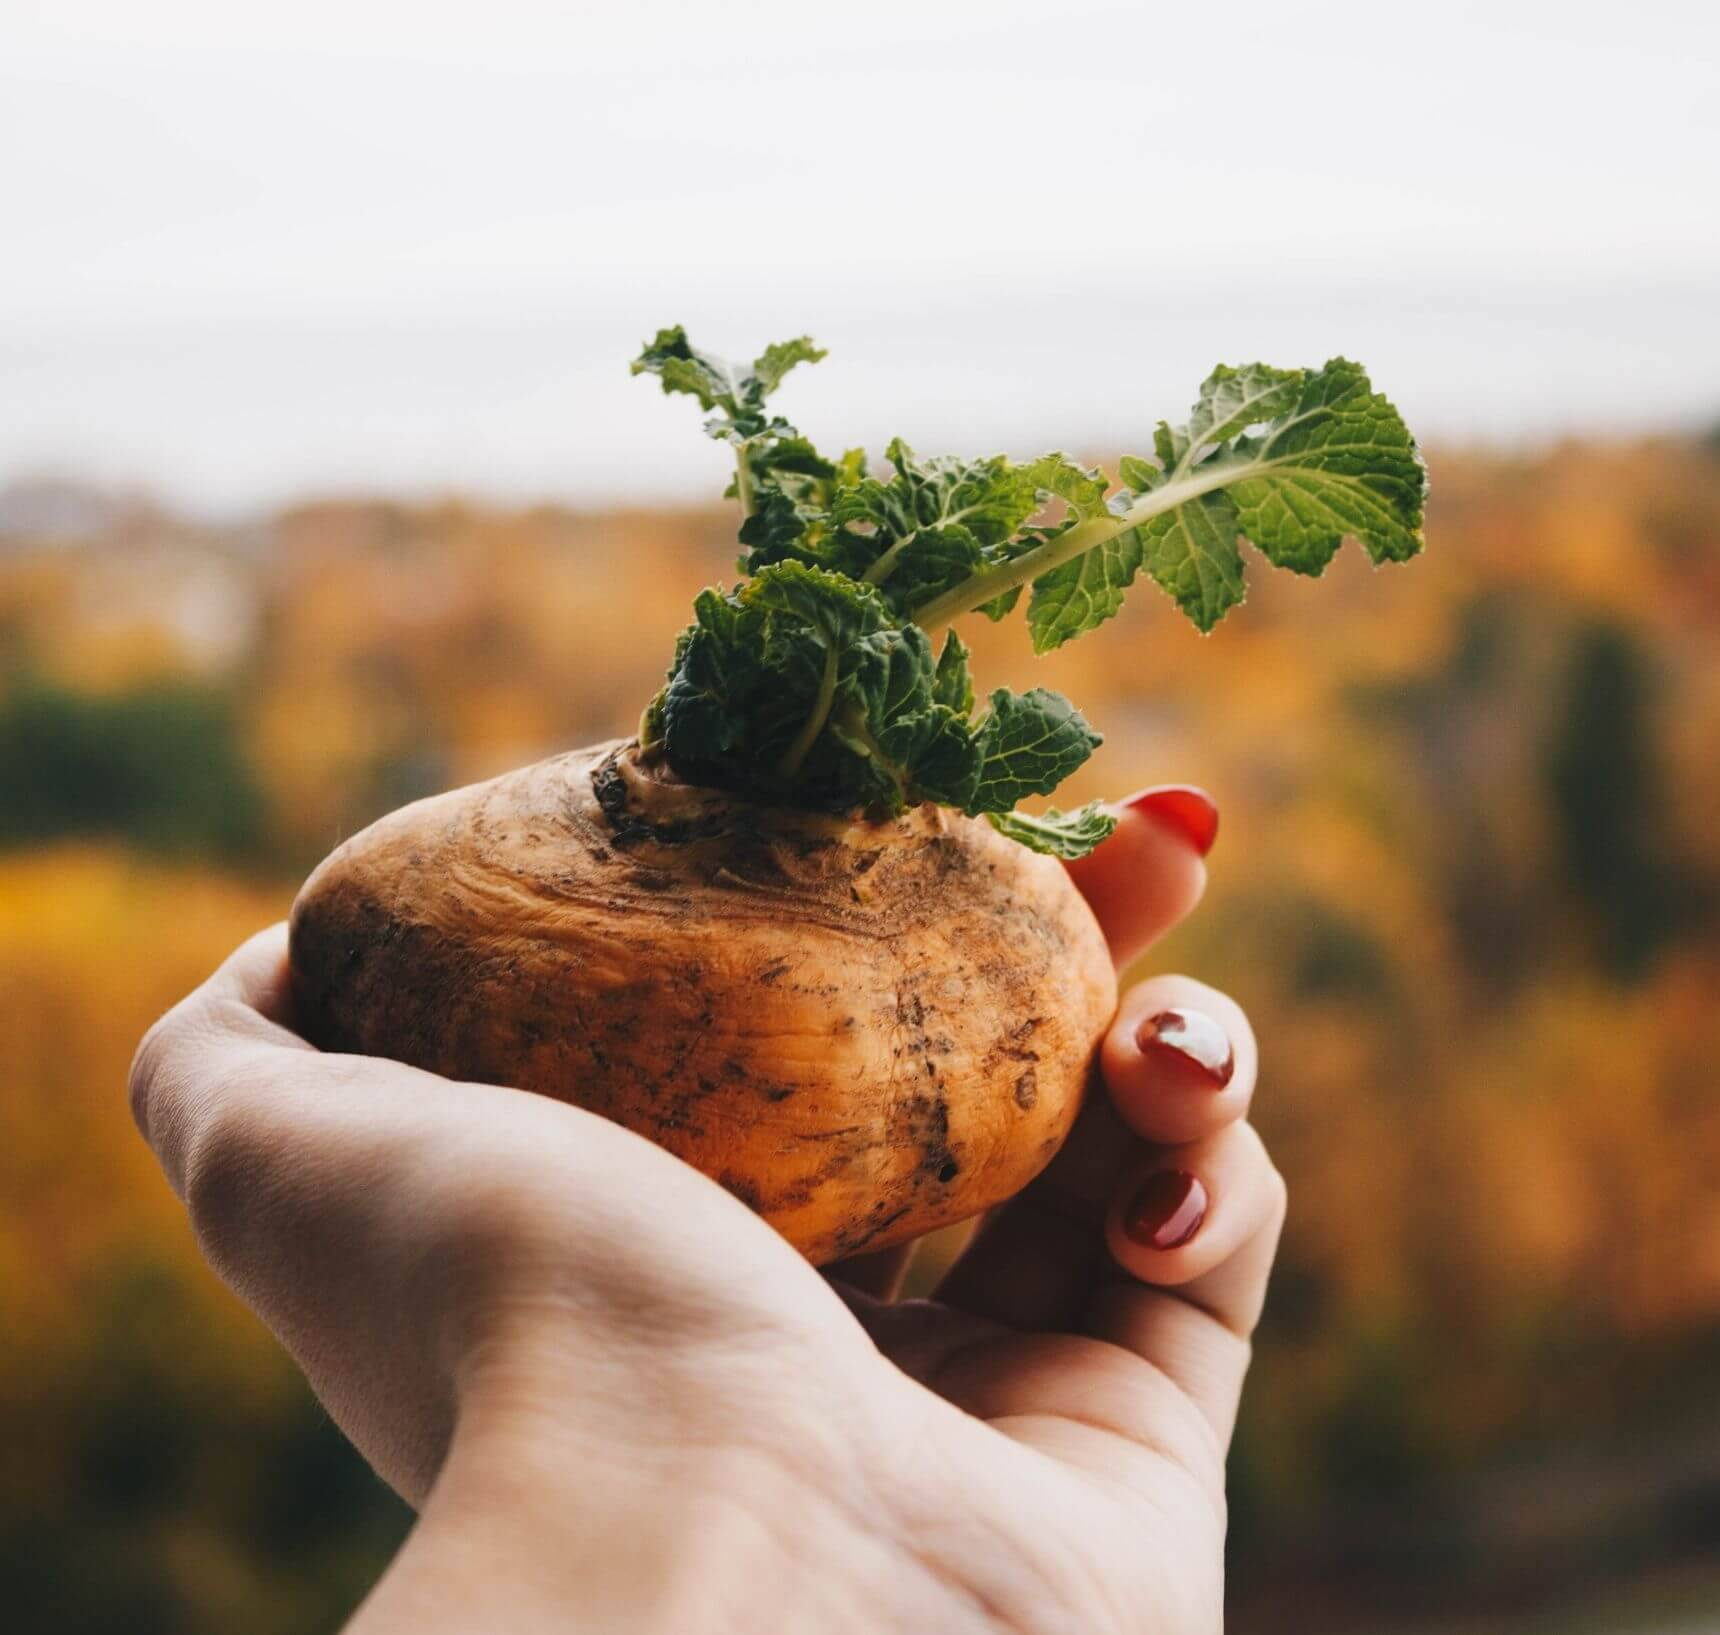 Aardappels gezond?